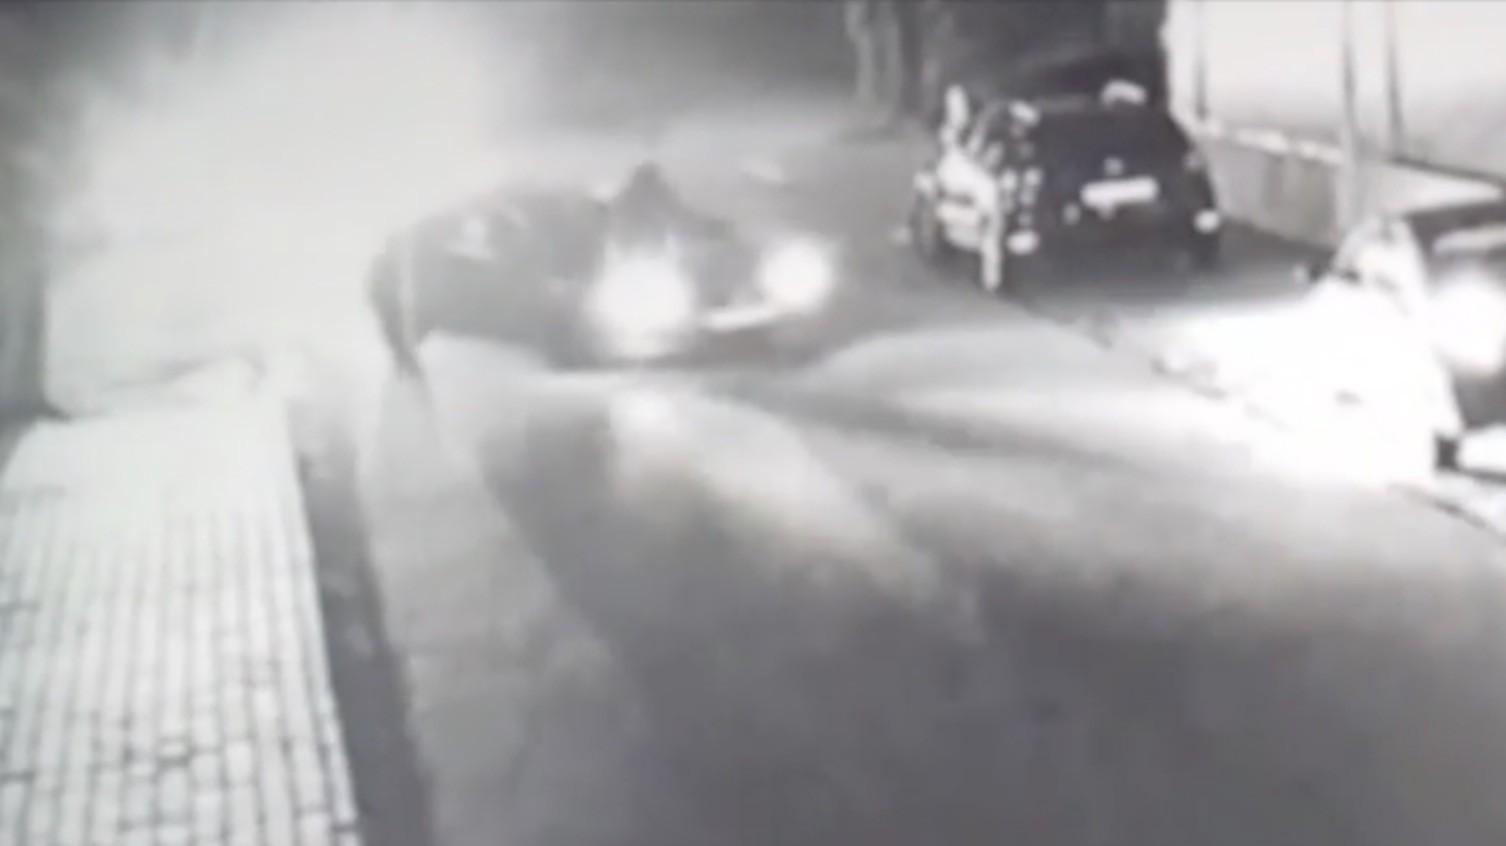 EXCLUSIV! Tentativă de omor, la Largu! A lovit cu mașina patru tineri! Individul a fost arestat!